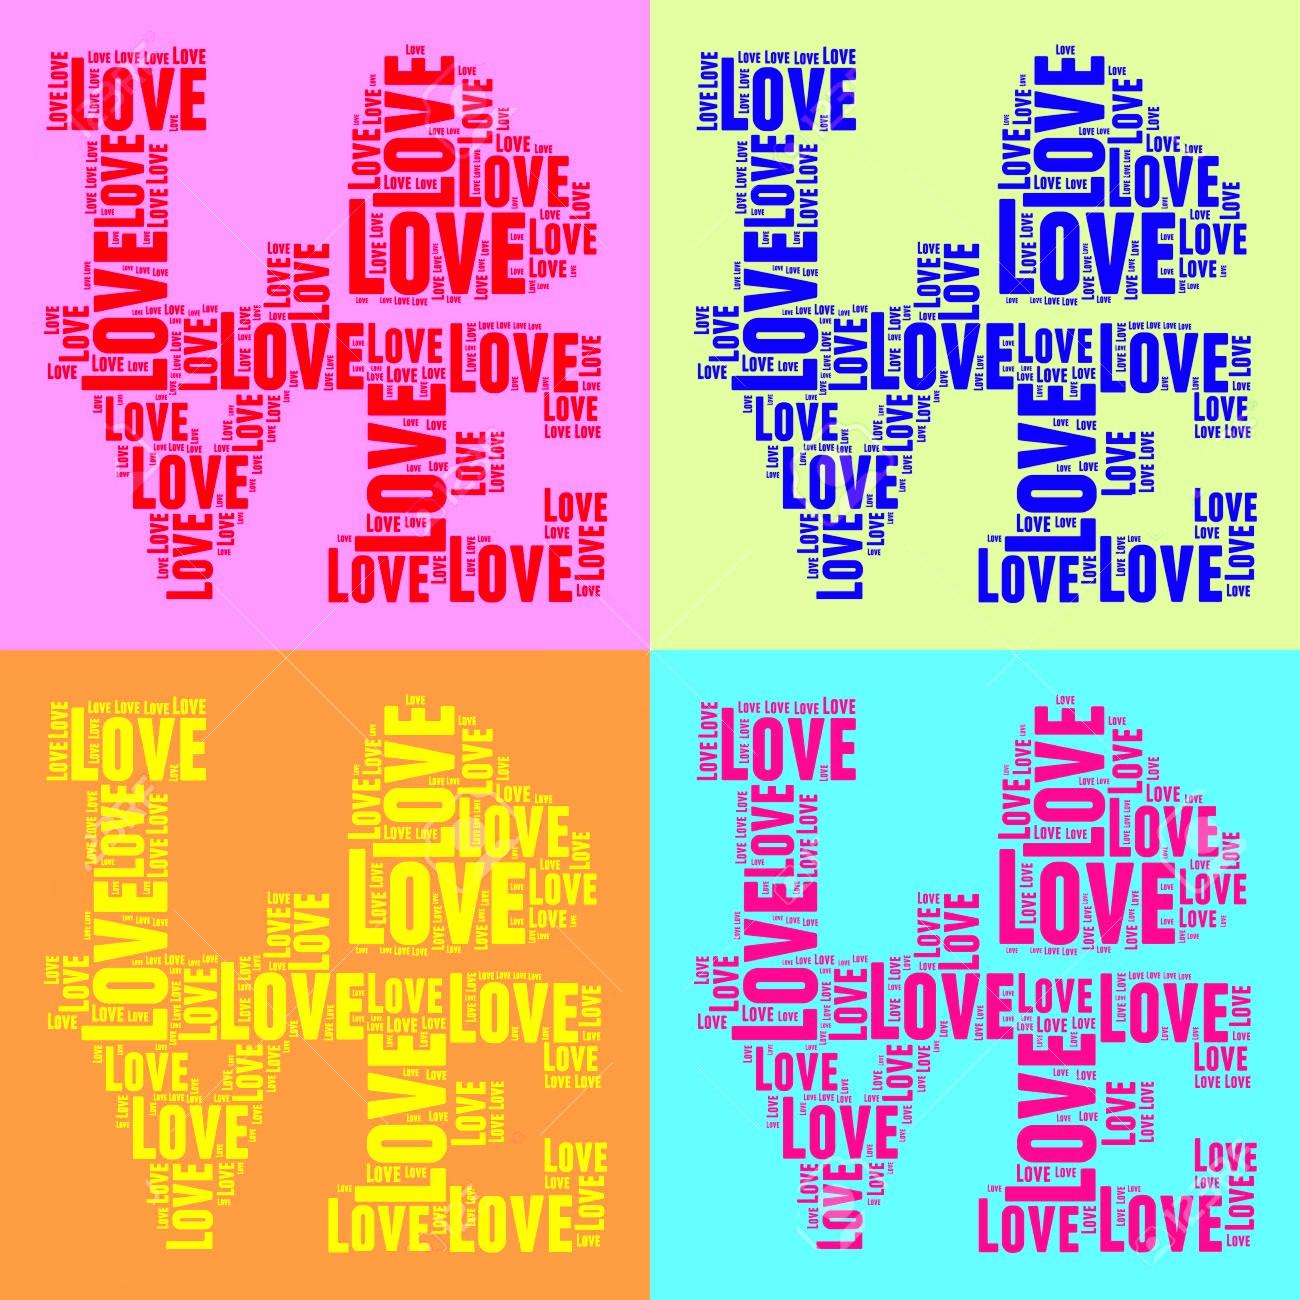 Casais da Cultura Pop que inspiram o amor na vida real 6